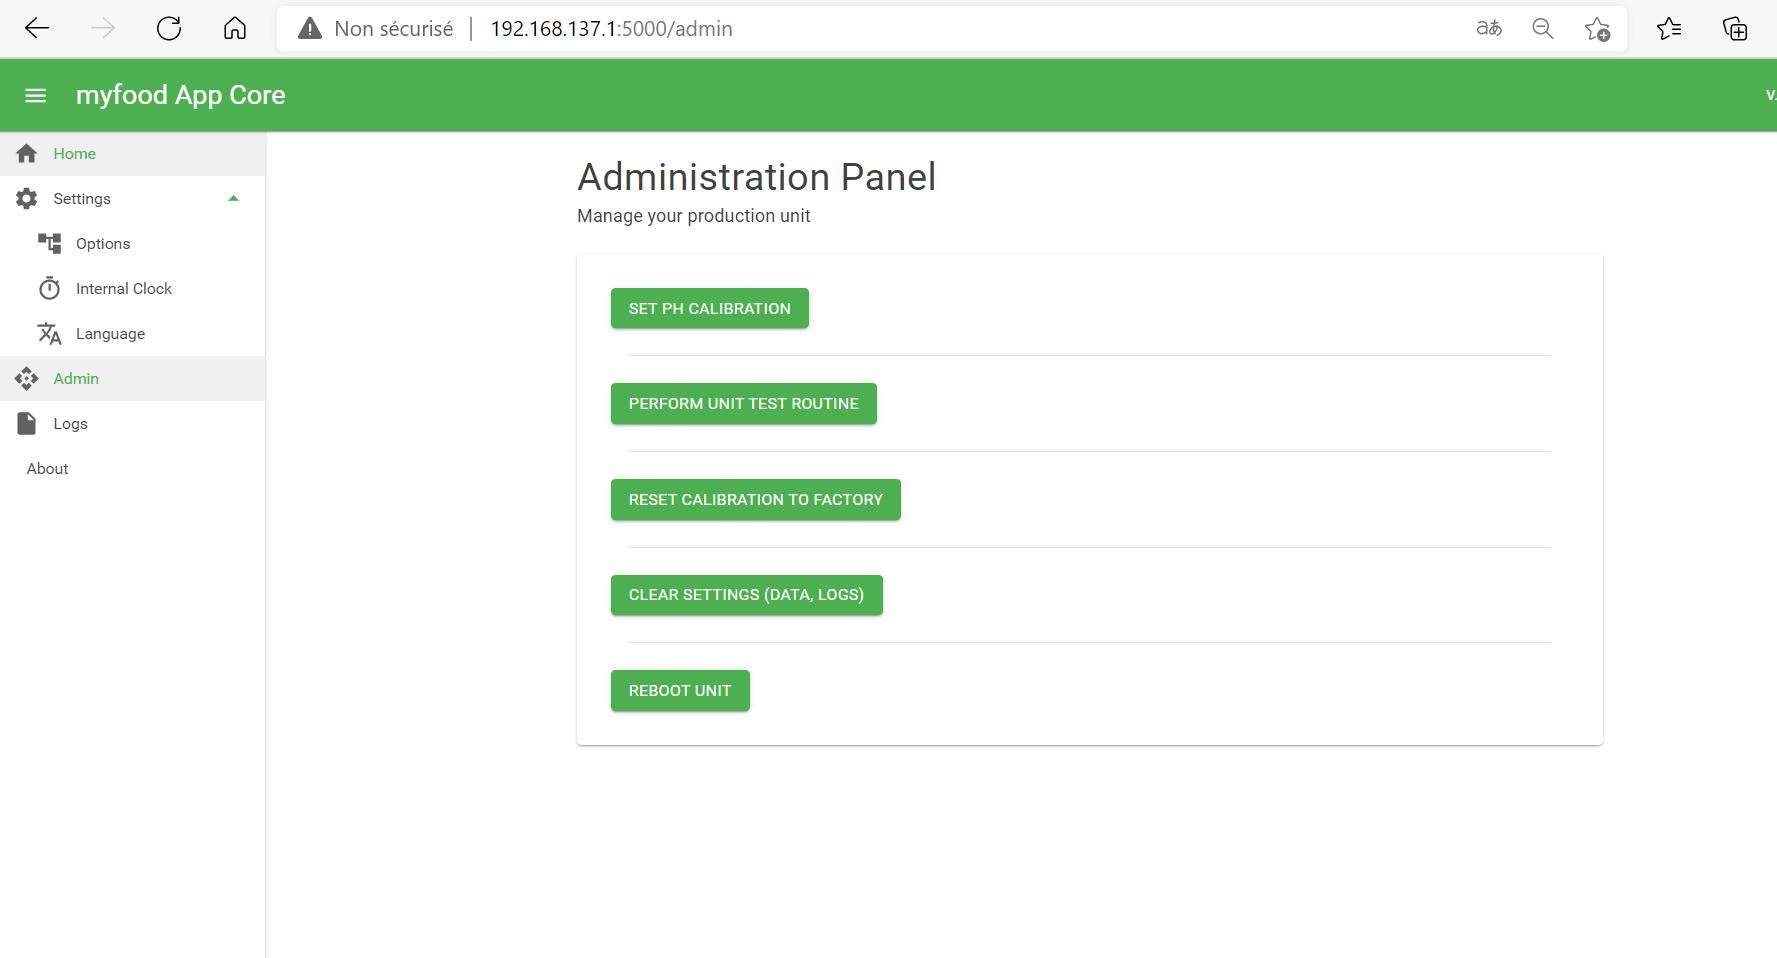 Administration technique de la serre en local sur l'interface http://192.168.137.1:5000